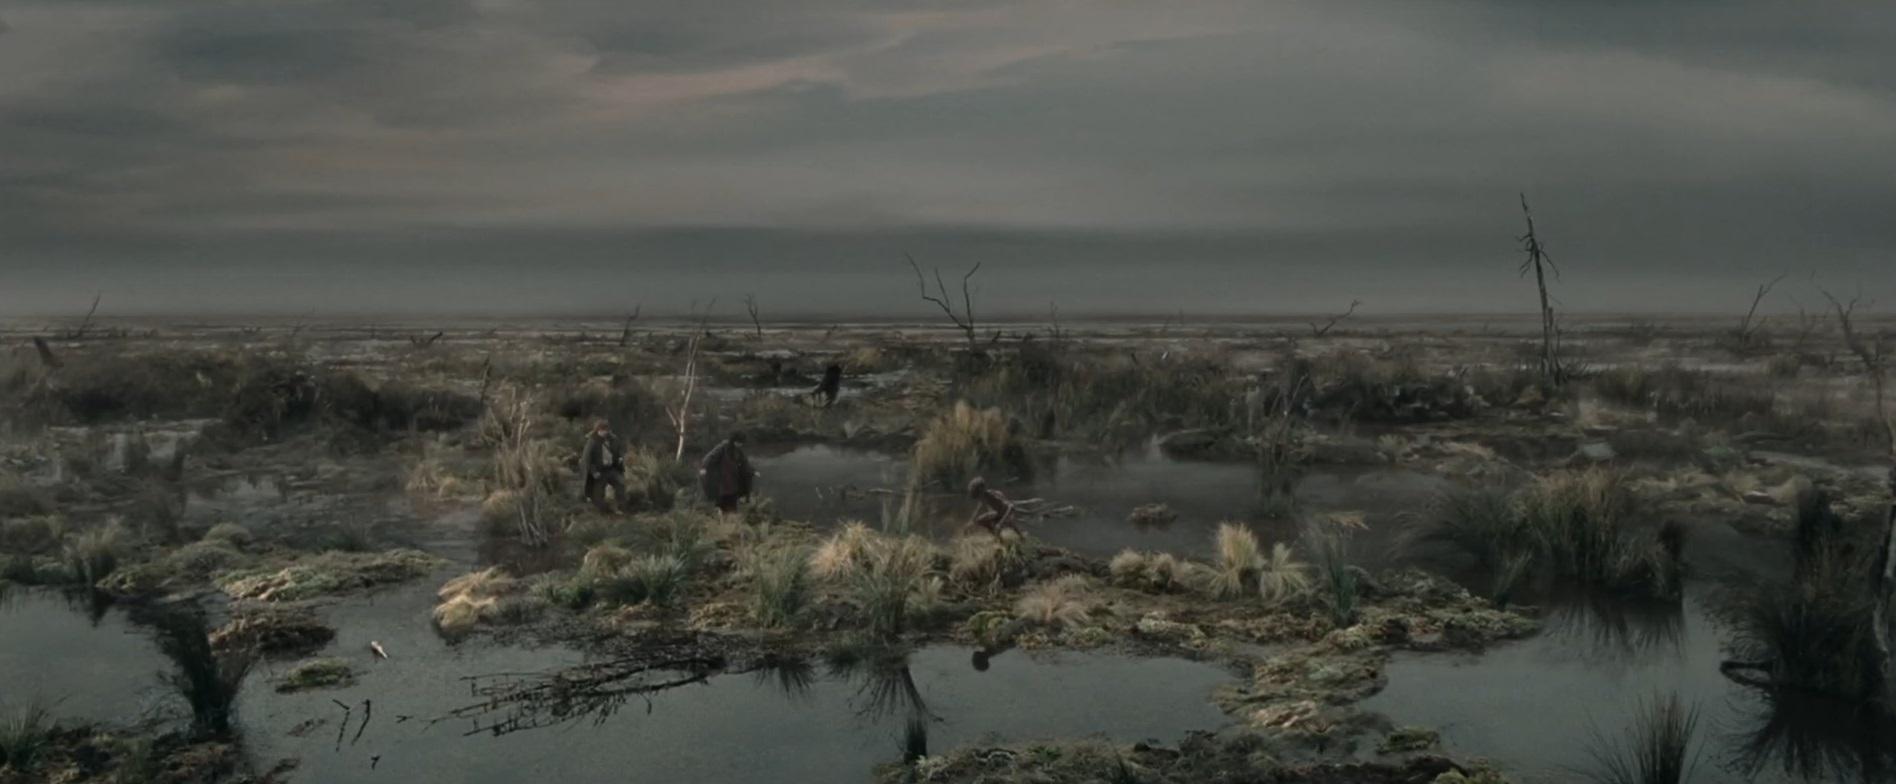 File:Dead-marshes.jpg